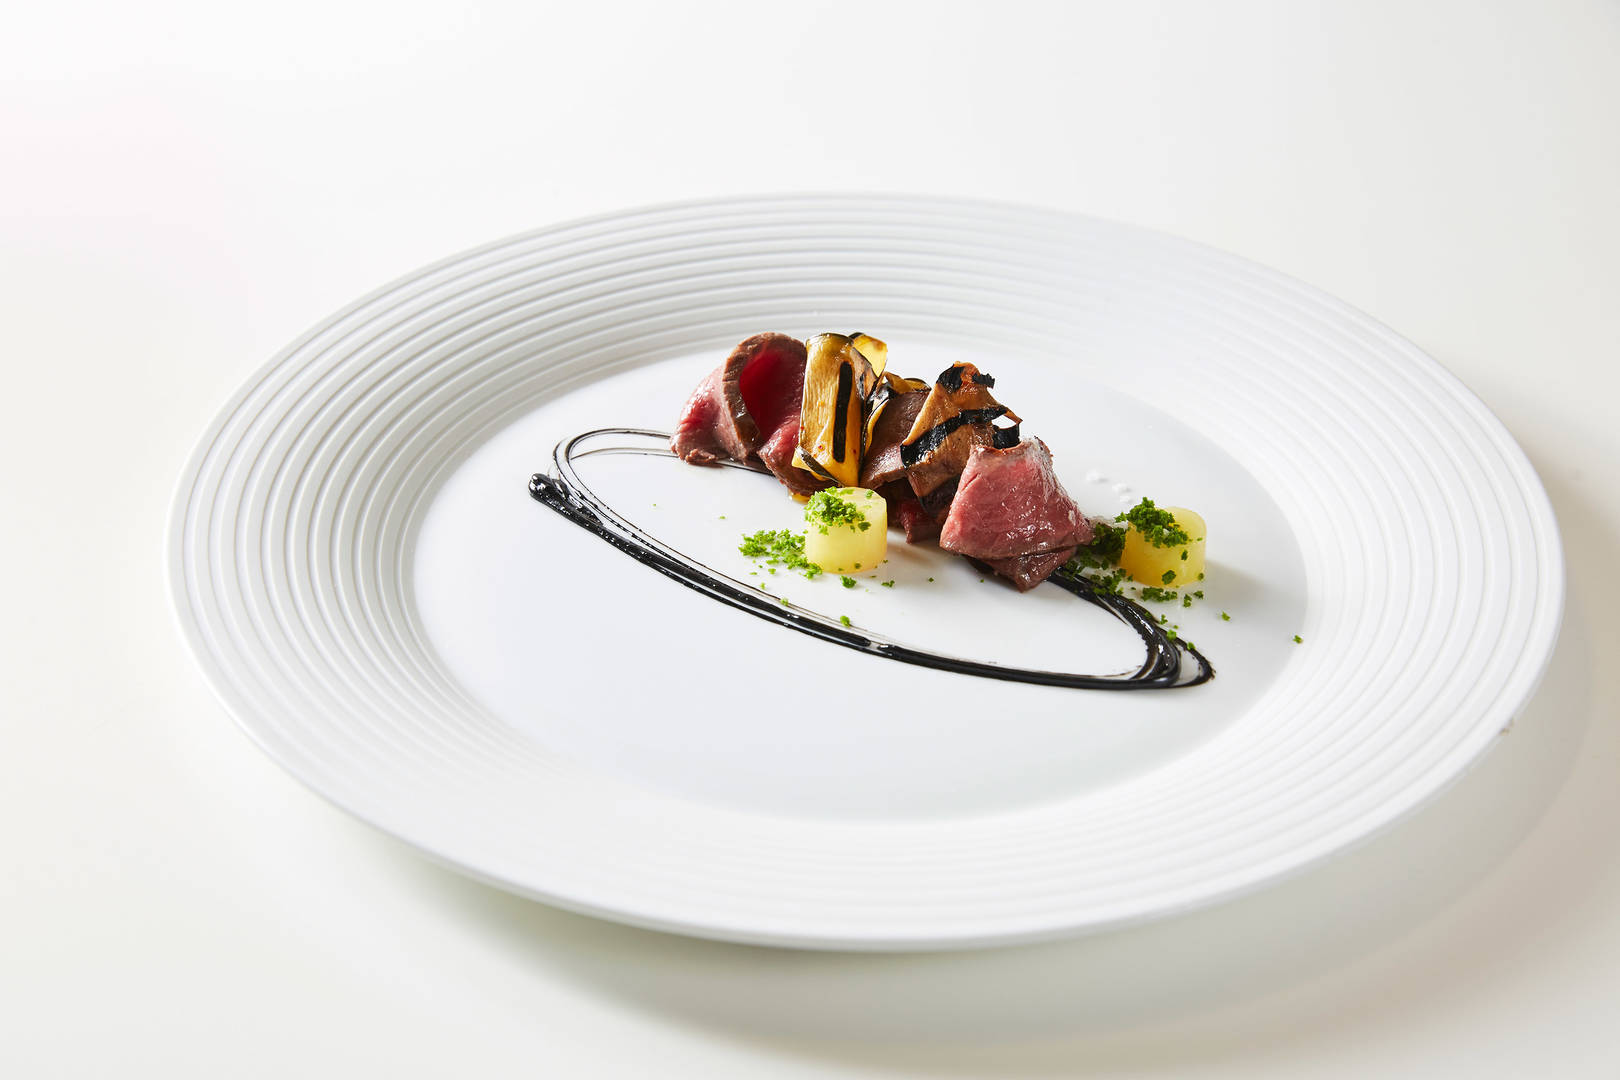 https://cdn.jumeirah.com/-/mediadh/DH/Hospitality/Jumeirah/Restaurants/Dubai/Burj-Al-Arab-Mahara/Restaurant-Gallery/AlMaharaMenu564.jpg?h=1080&w=1620&hash=7AF7092B280816A54AEEAC7E5FE0AFD0